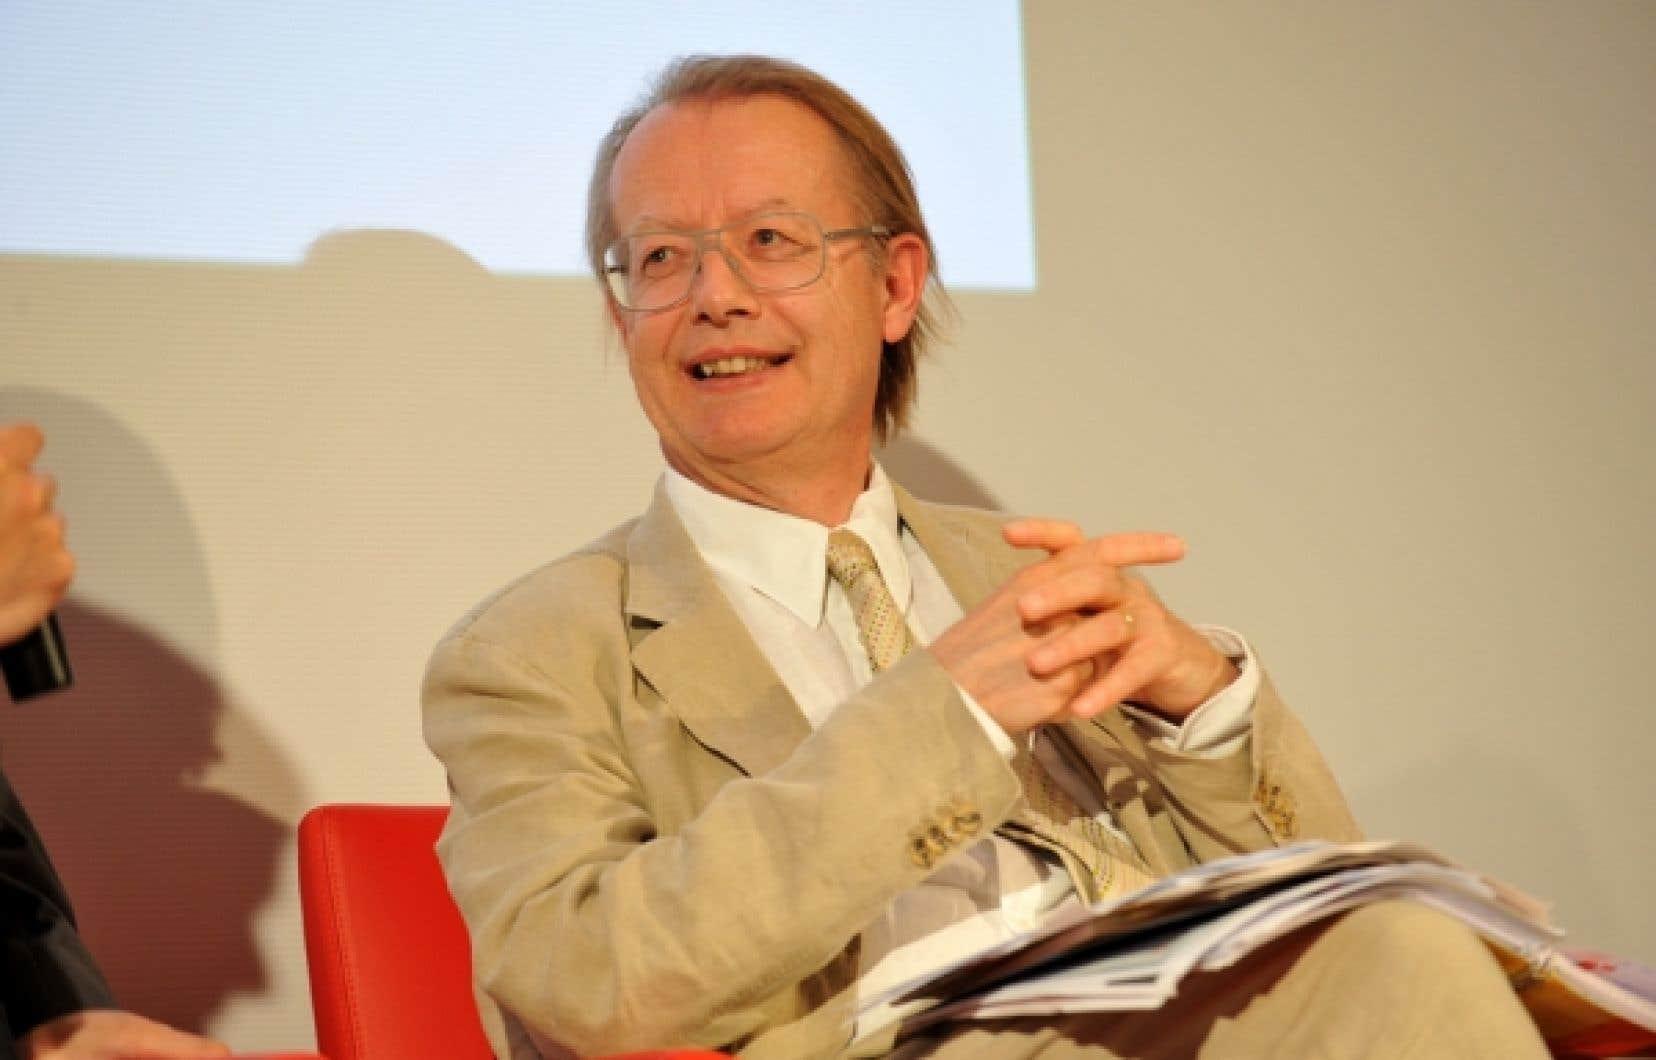 Thierry Jeantet a fond&eacute; les Rencontres du Mont-Blanc, qui se veulent le &laquo;Davos des politiques sociales&raquo;.<br />